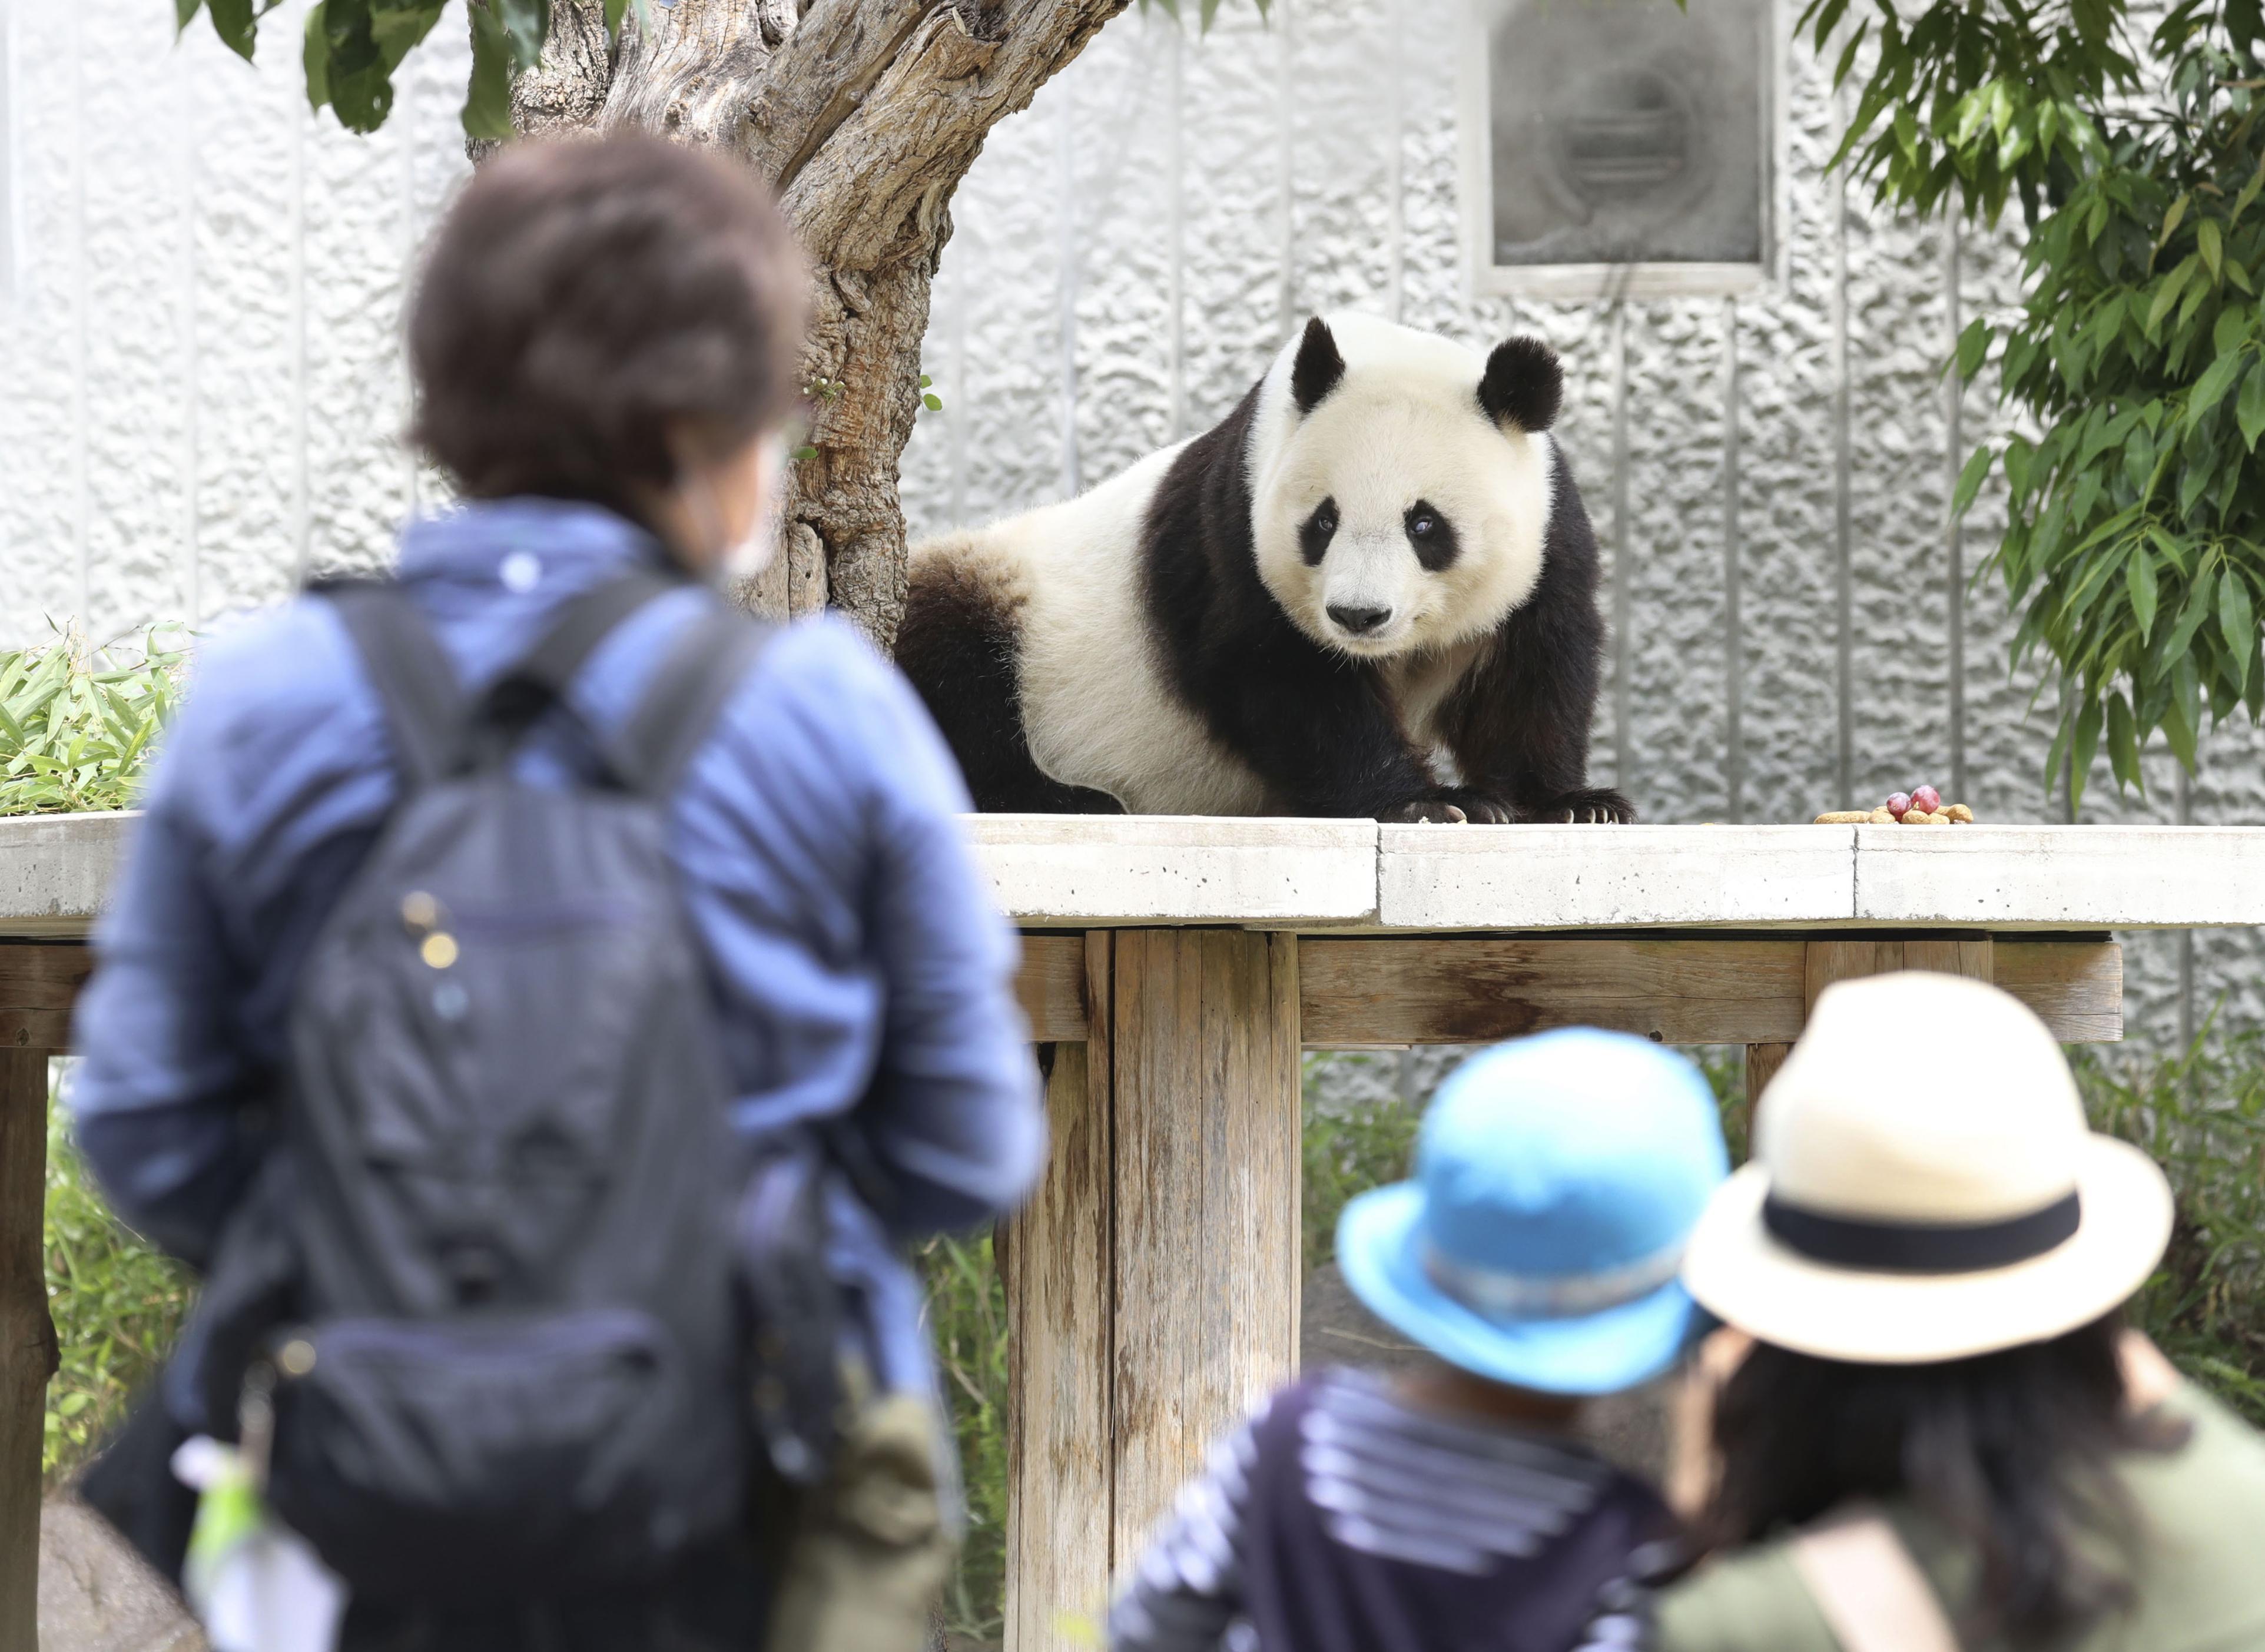 営業を再開した神戸市立王子動物園のジャイアントパンダの「タンタン」を見る来園者たち=1日午前